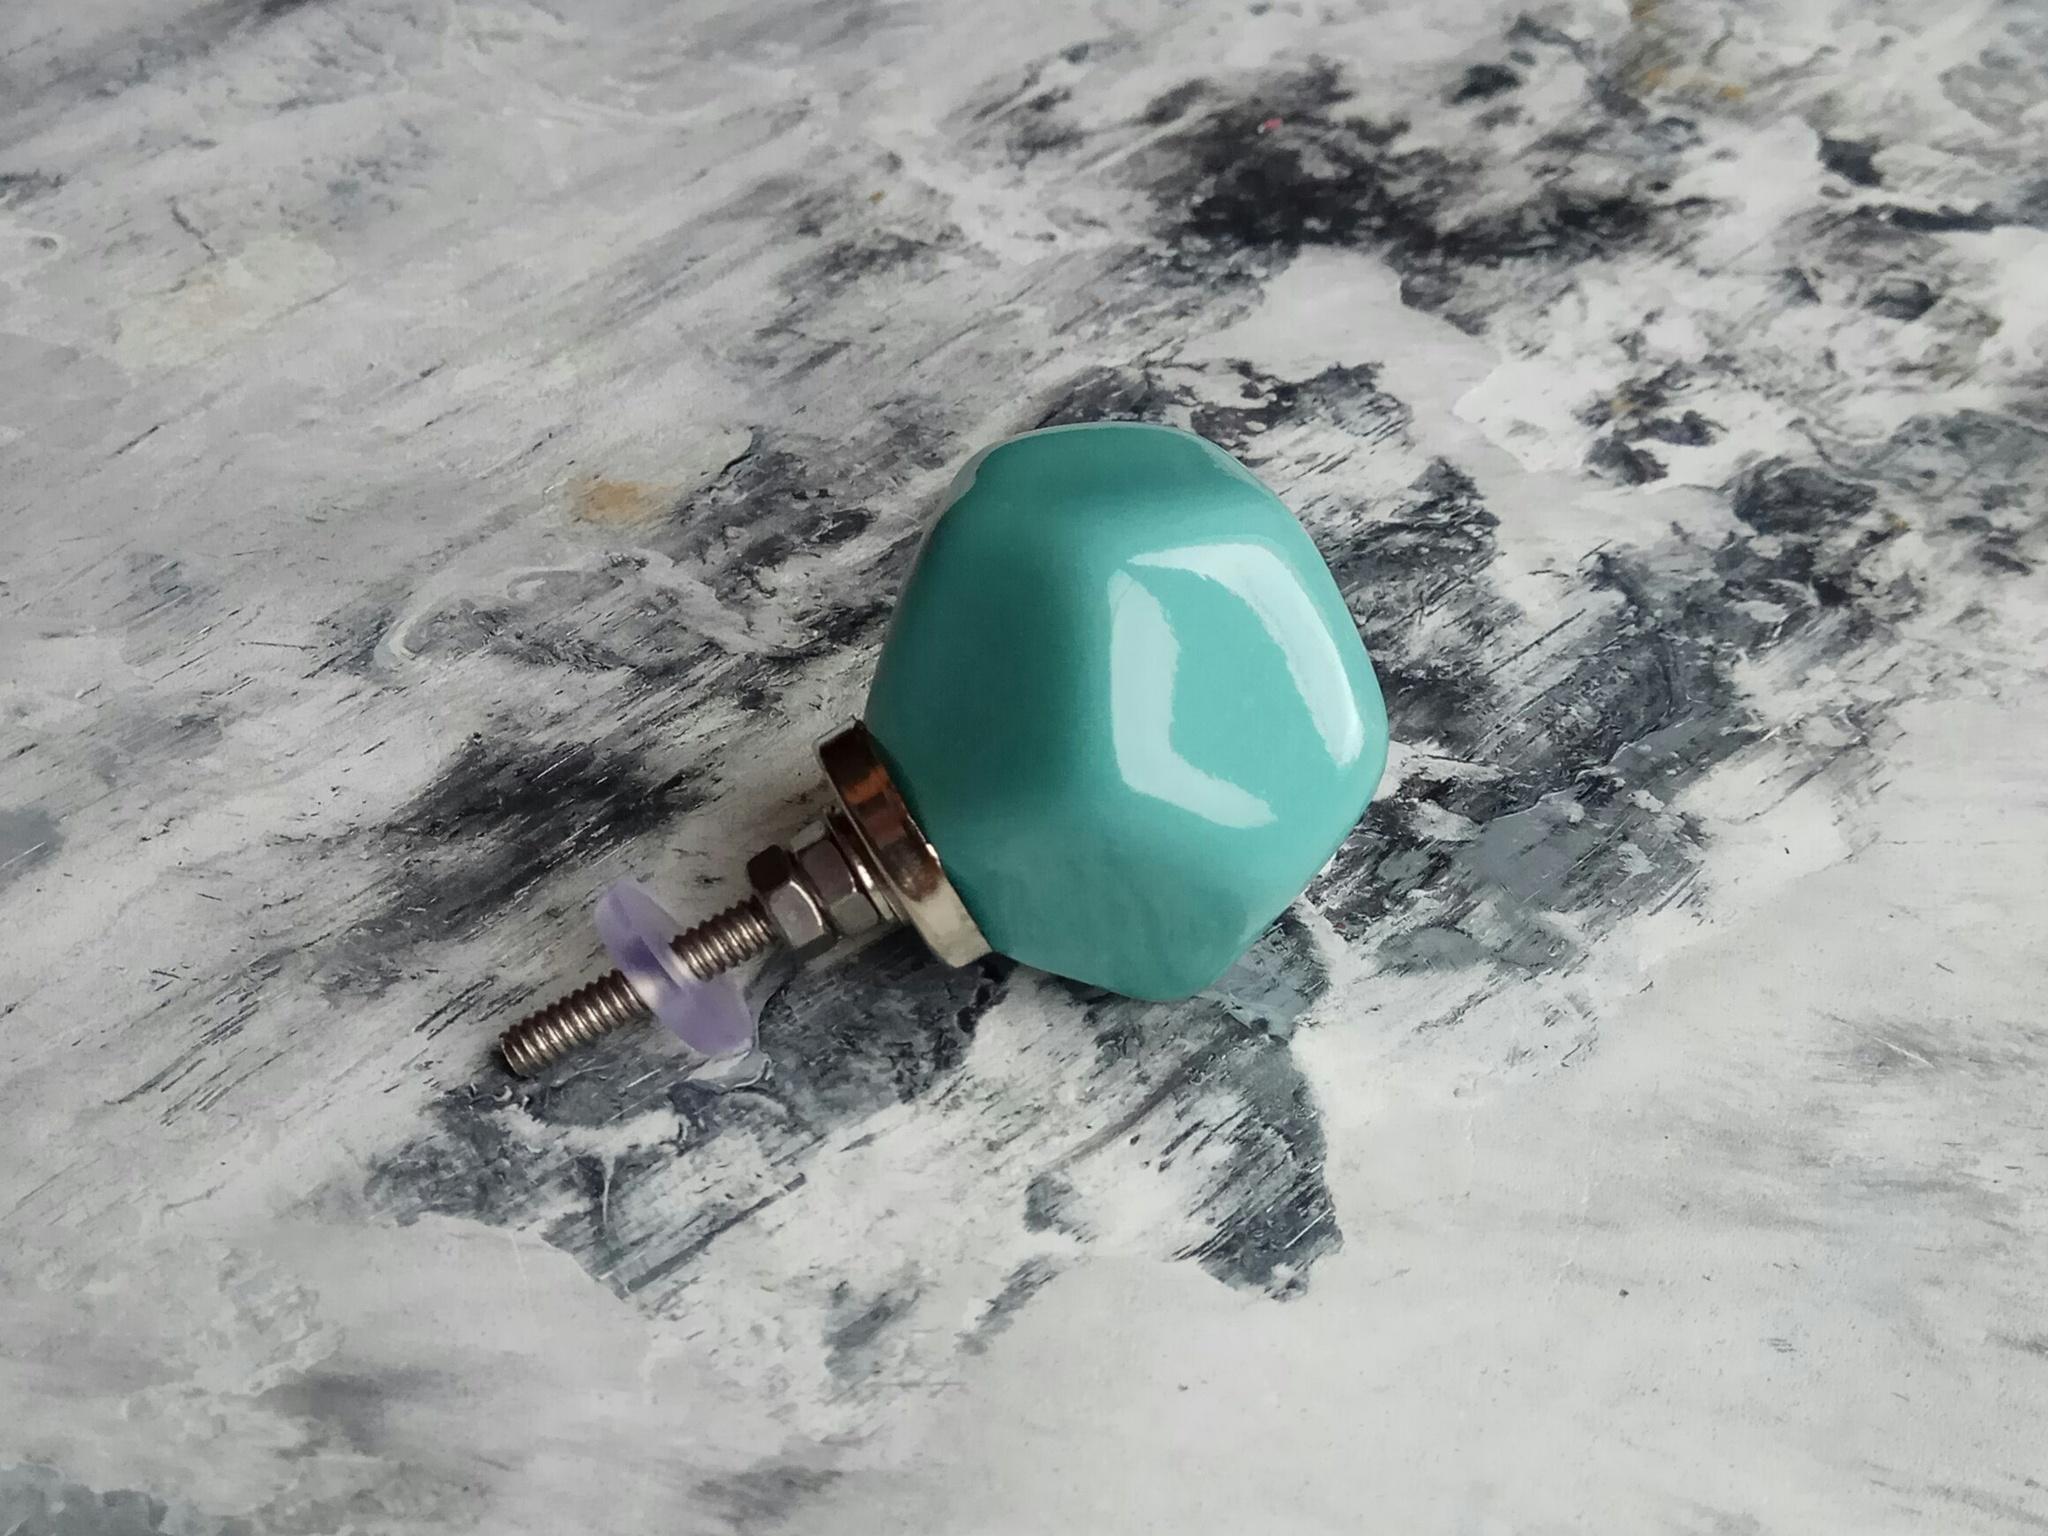 Ручка мебельная керамическая полигональная  - бирюзовый,  арт. 00001004